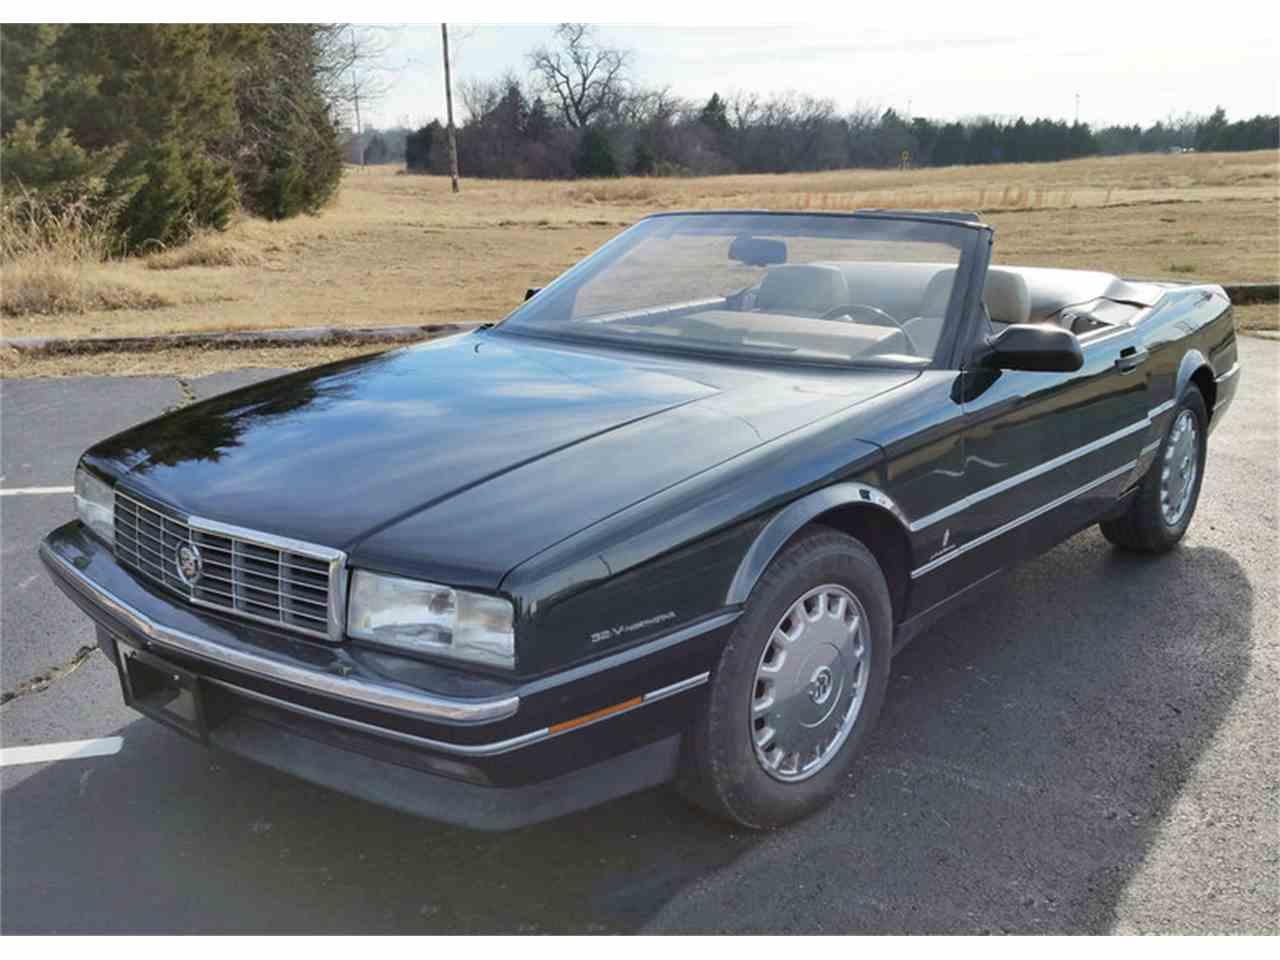 Cadillac Allante 1989 - 1996 Cabriolet #2